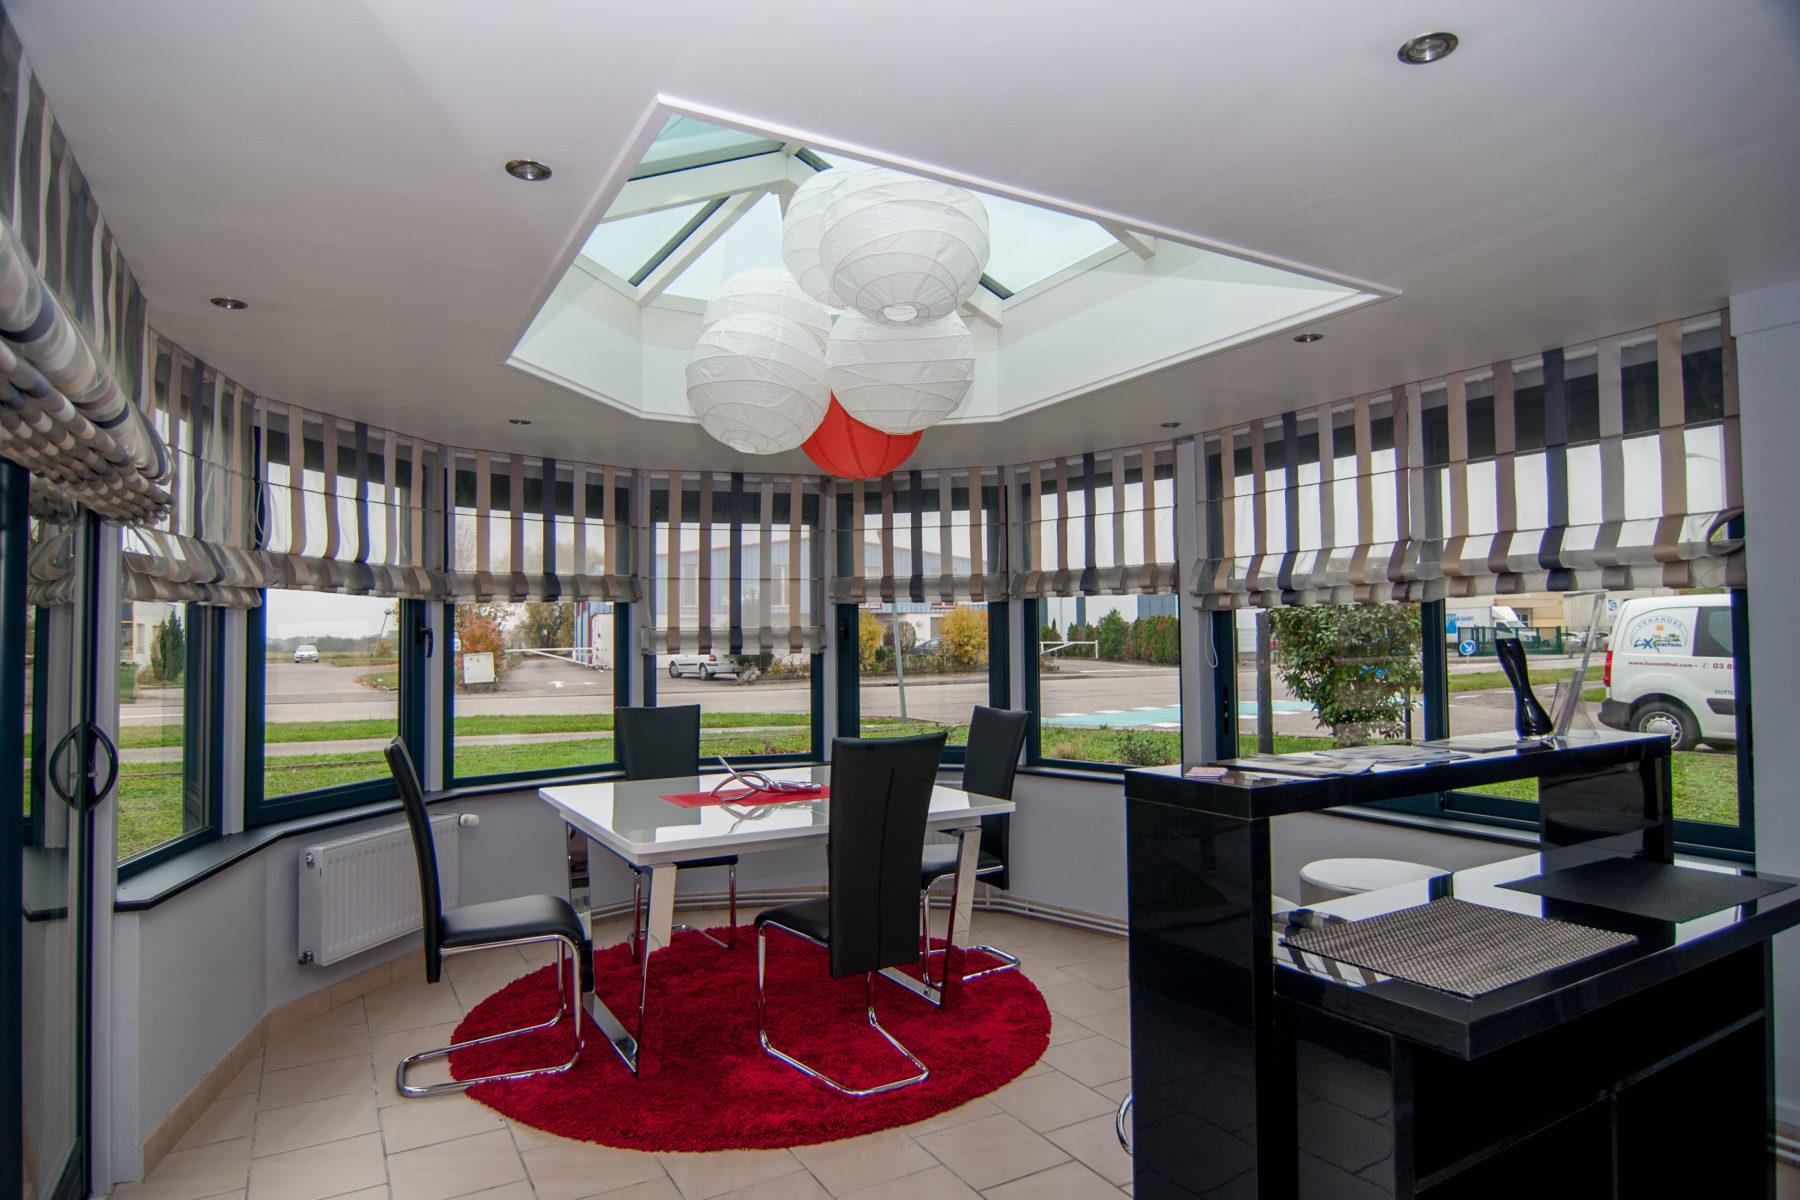 Les normes bbc pour la construction d une v randa lux for Construction d une veranda